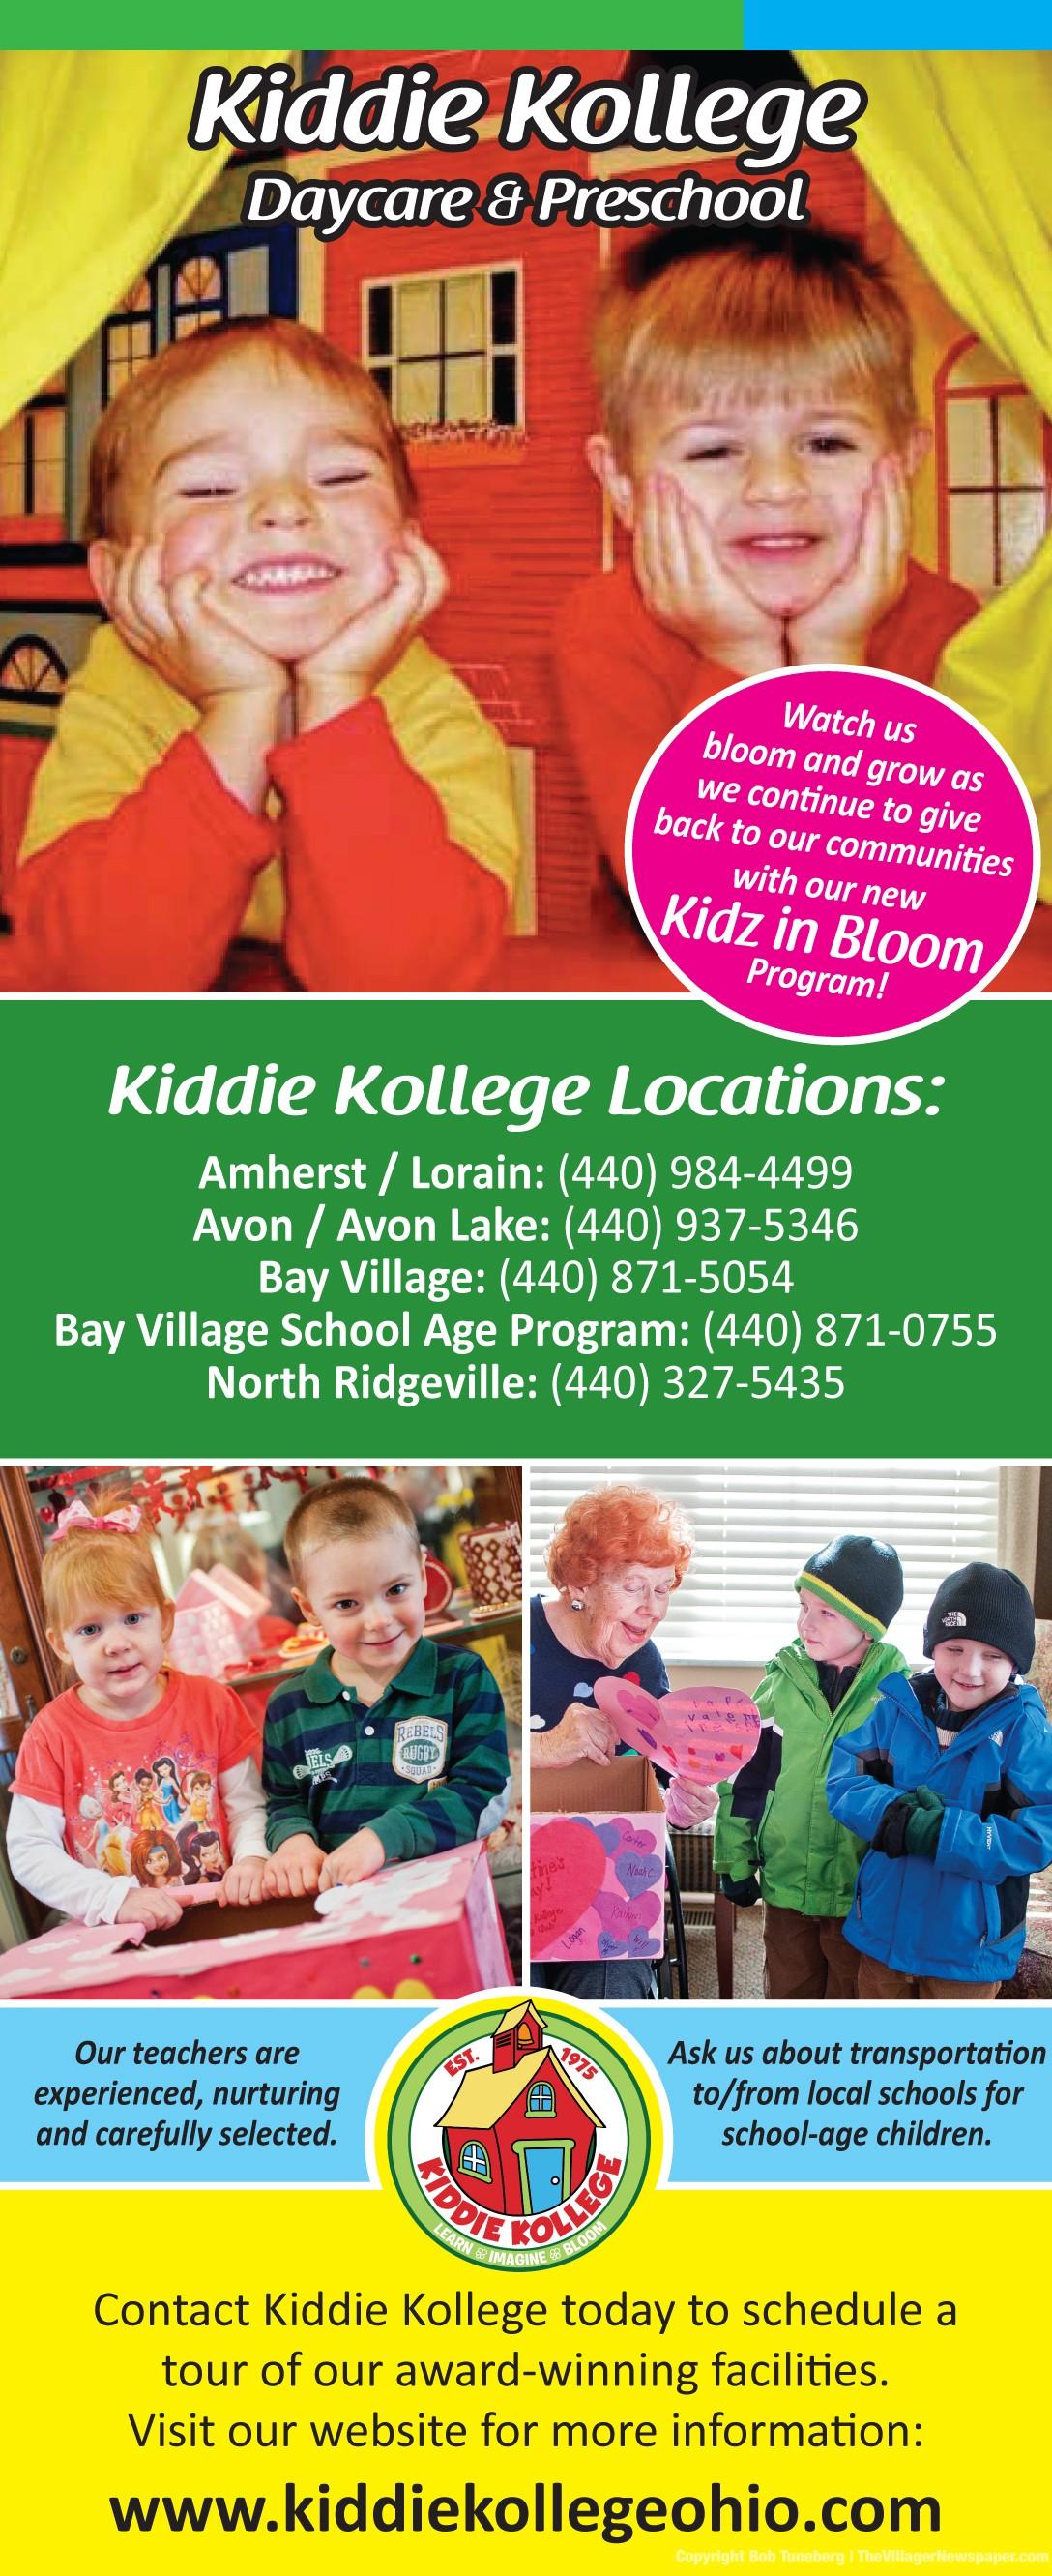 kidz in bloom lift valentine hearts the villager newspaper online 2 19 15 kiddie kollege ad